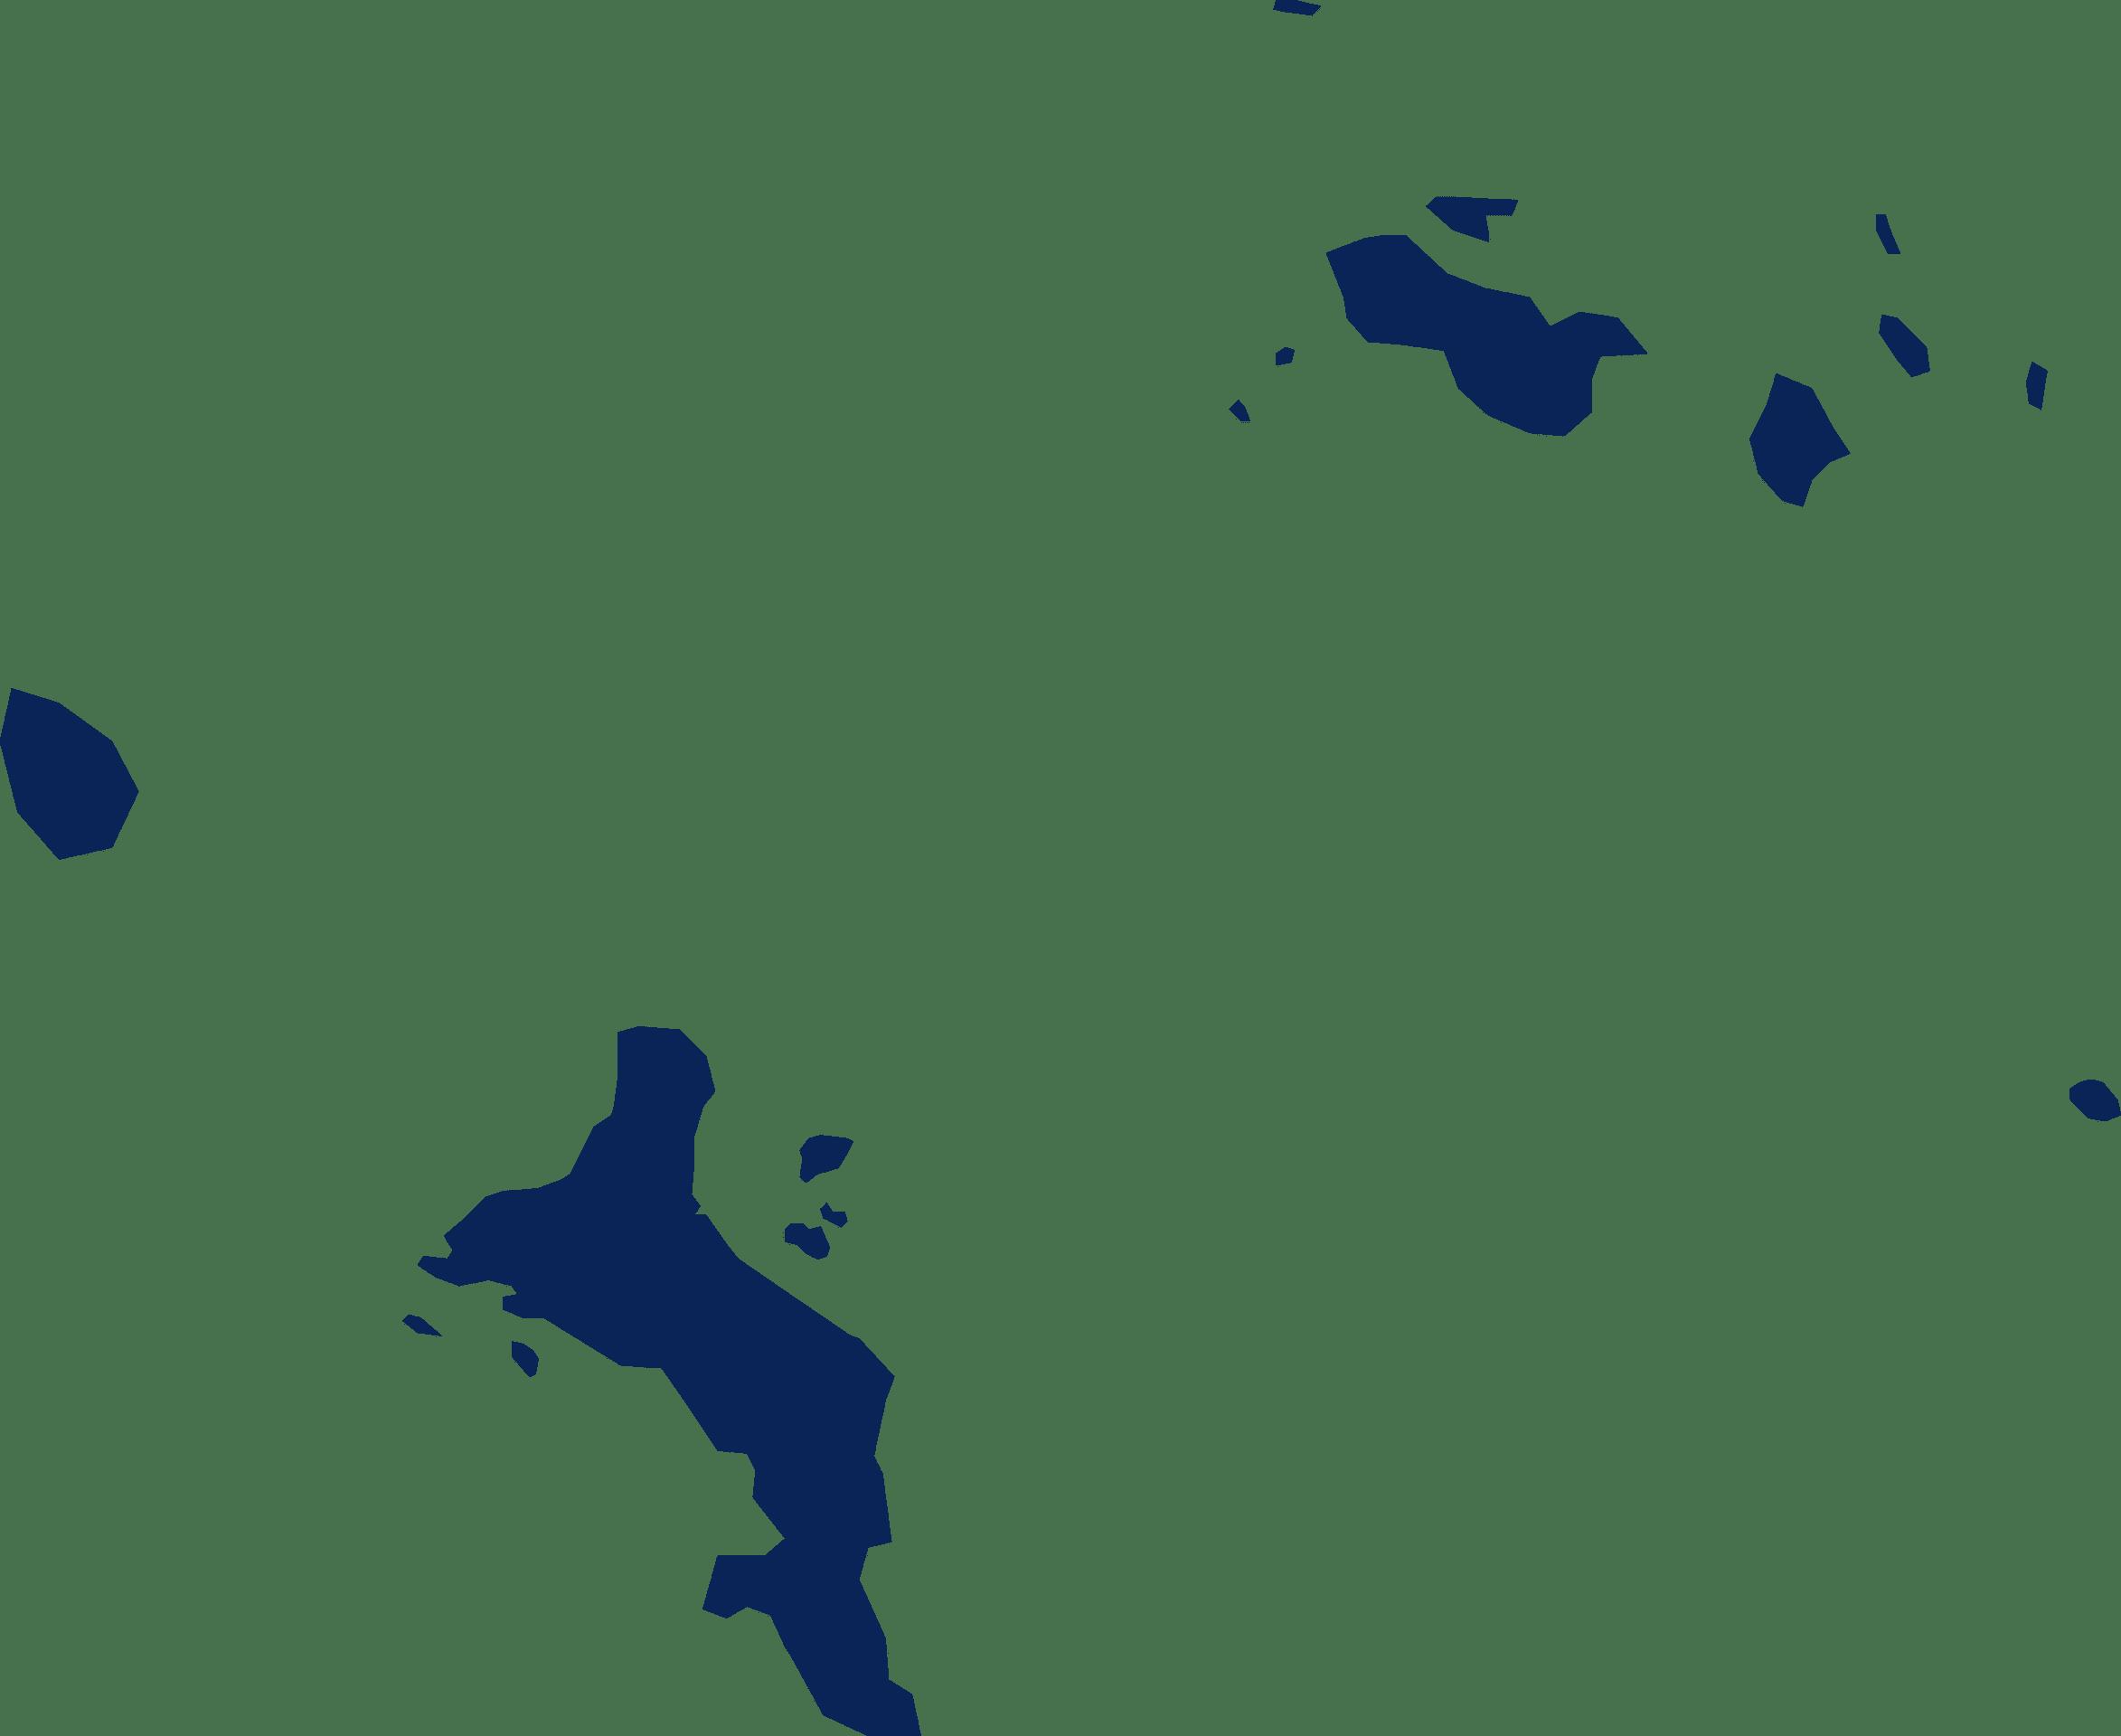 costituzione-società-ibc-seychelles-cognitor